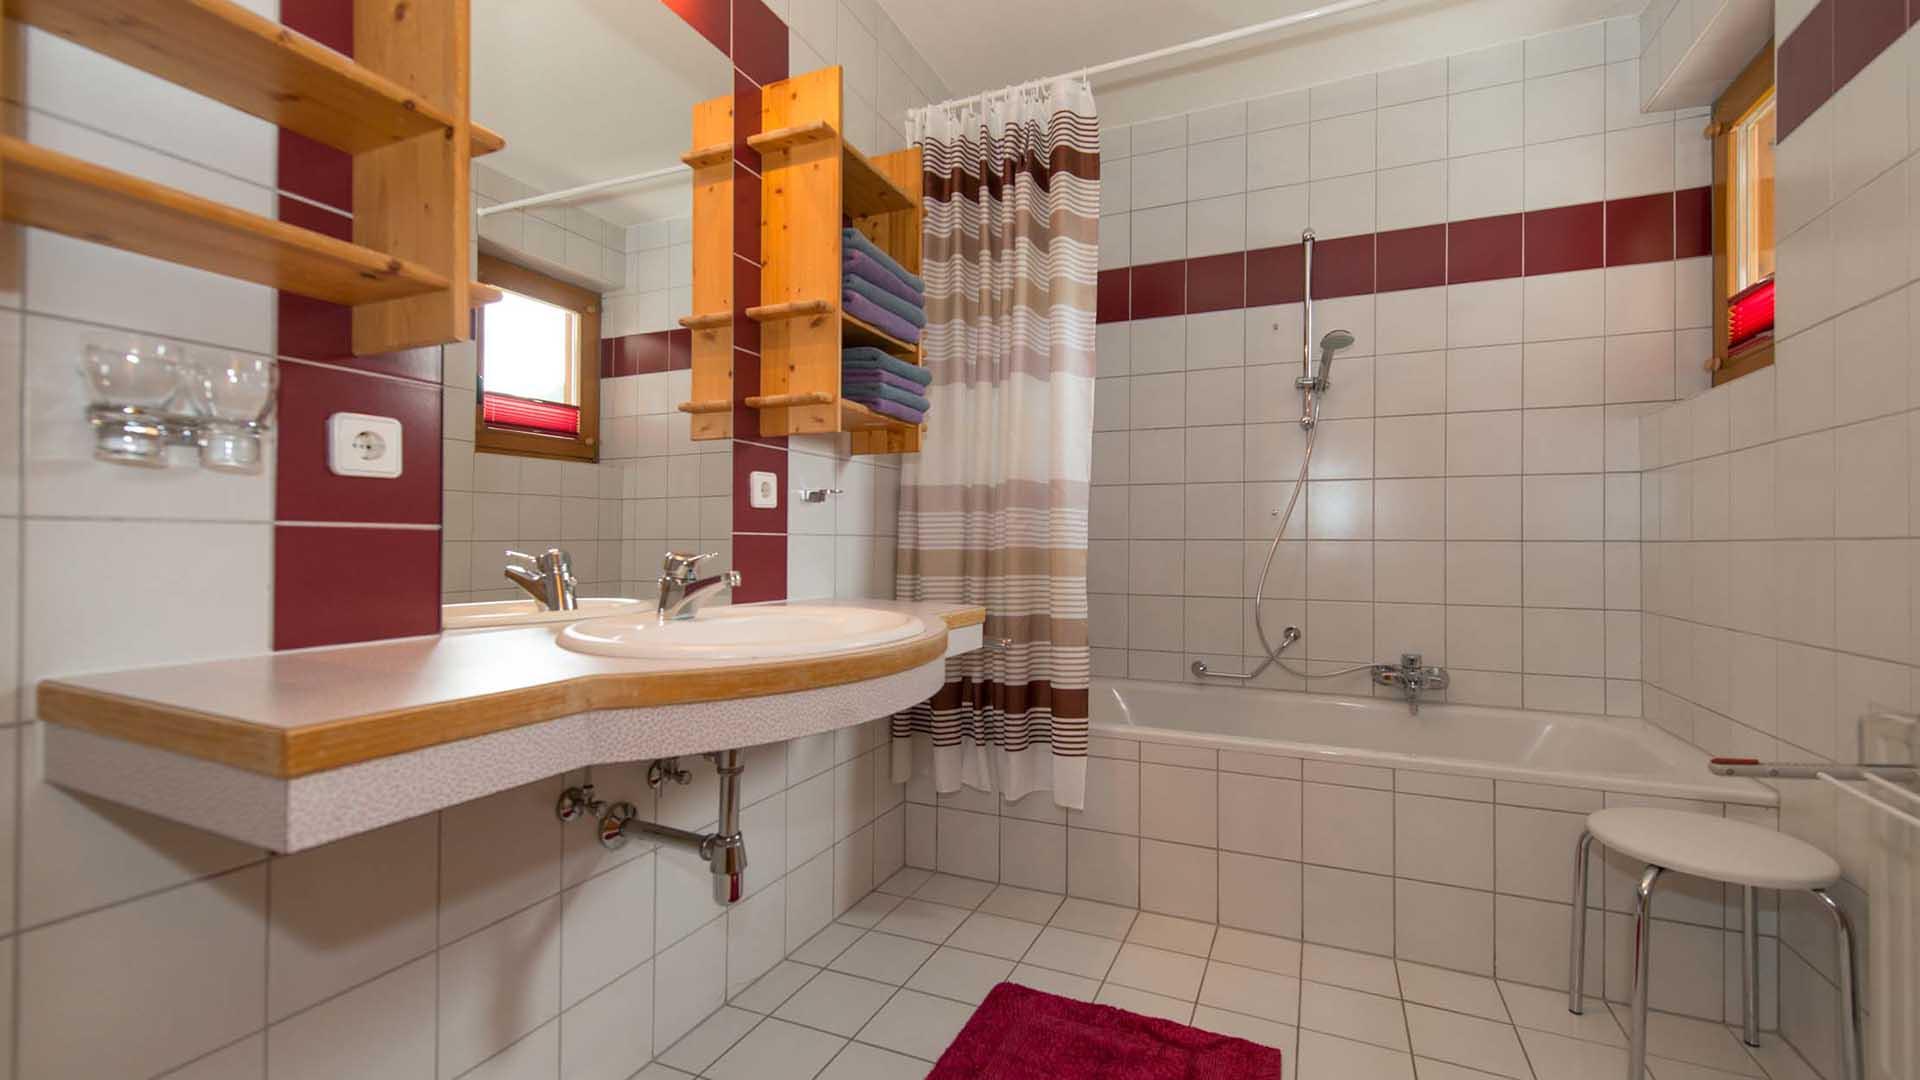 Wohnung-1-Slider-Winkler-Tuschnig-4